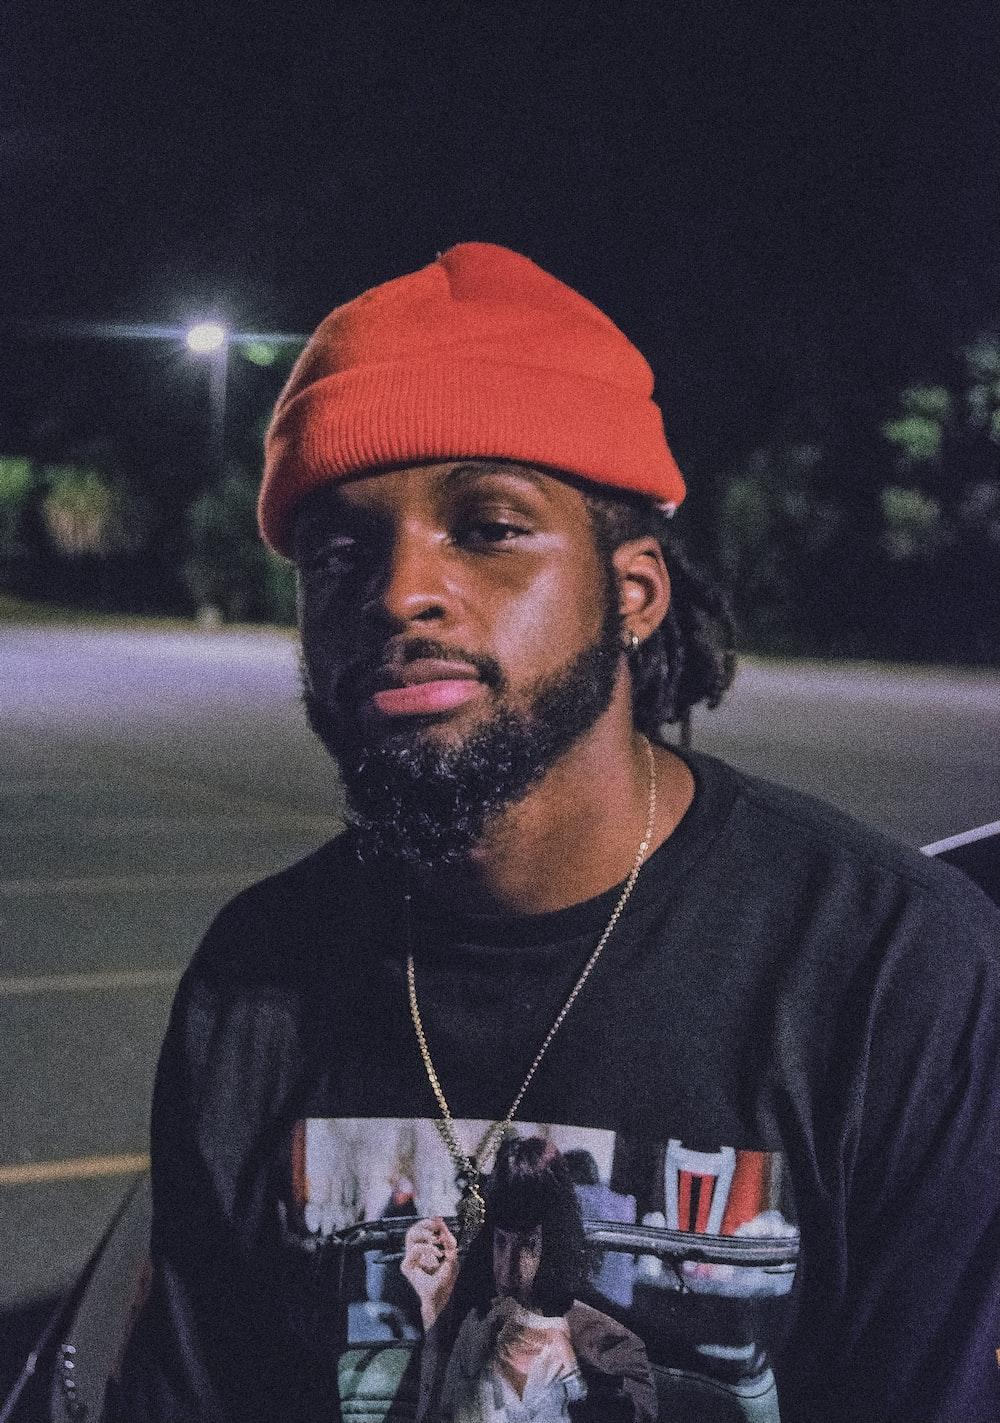 man in black crew neck t-shirt wearing orange cap